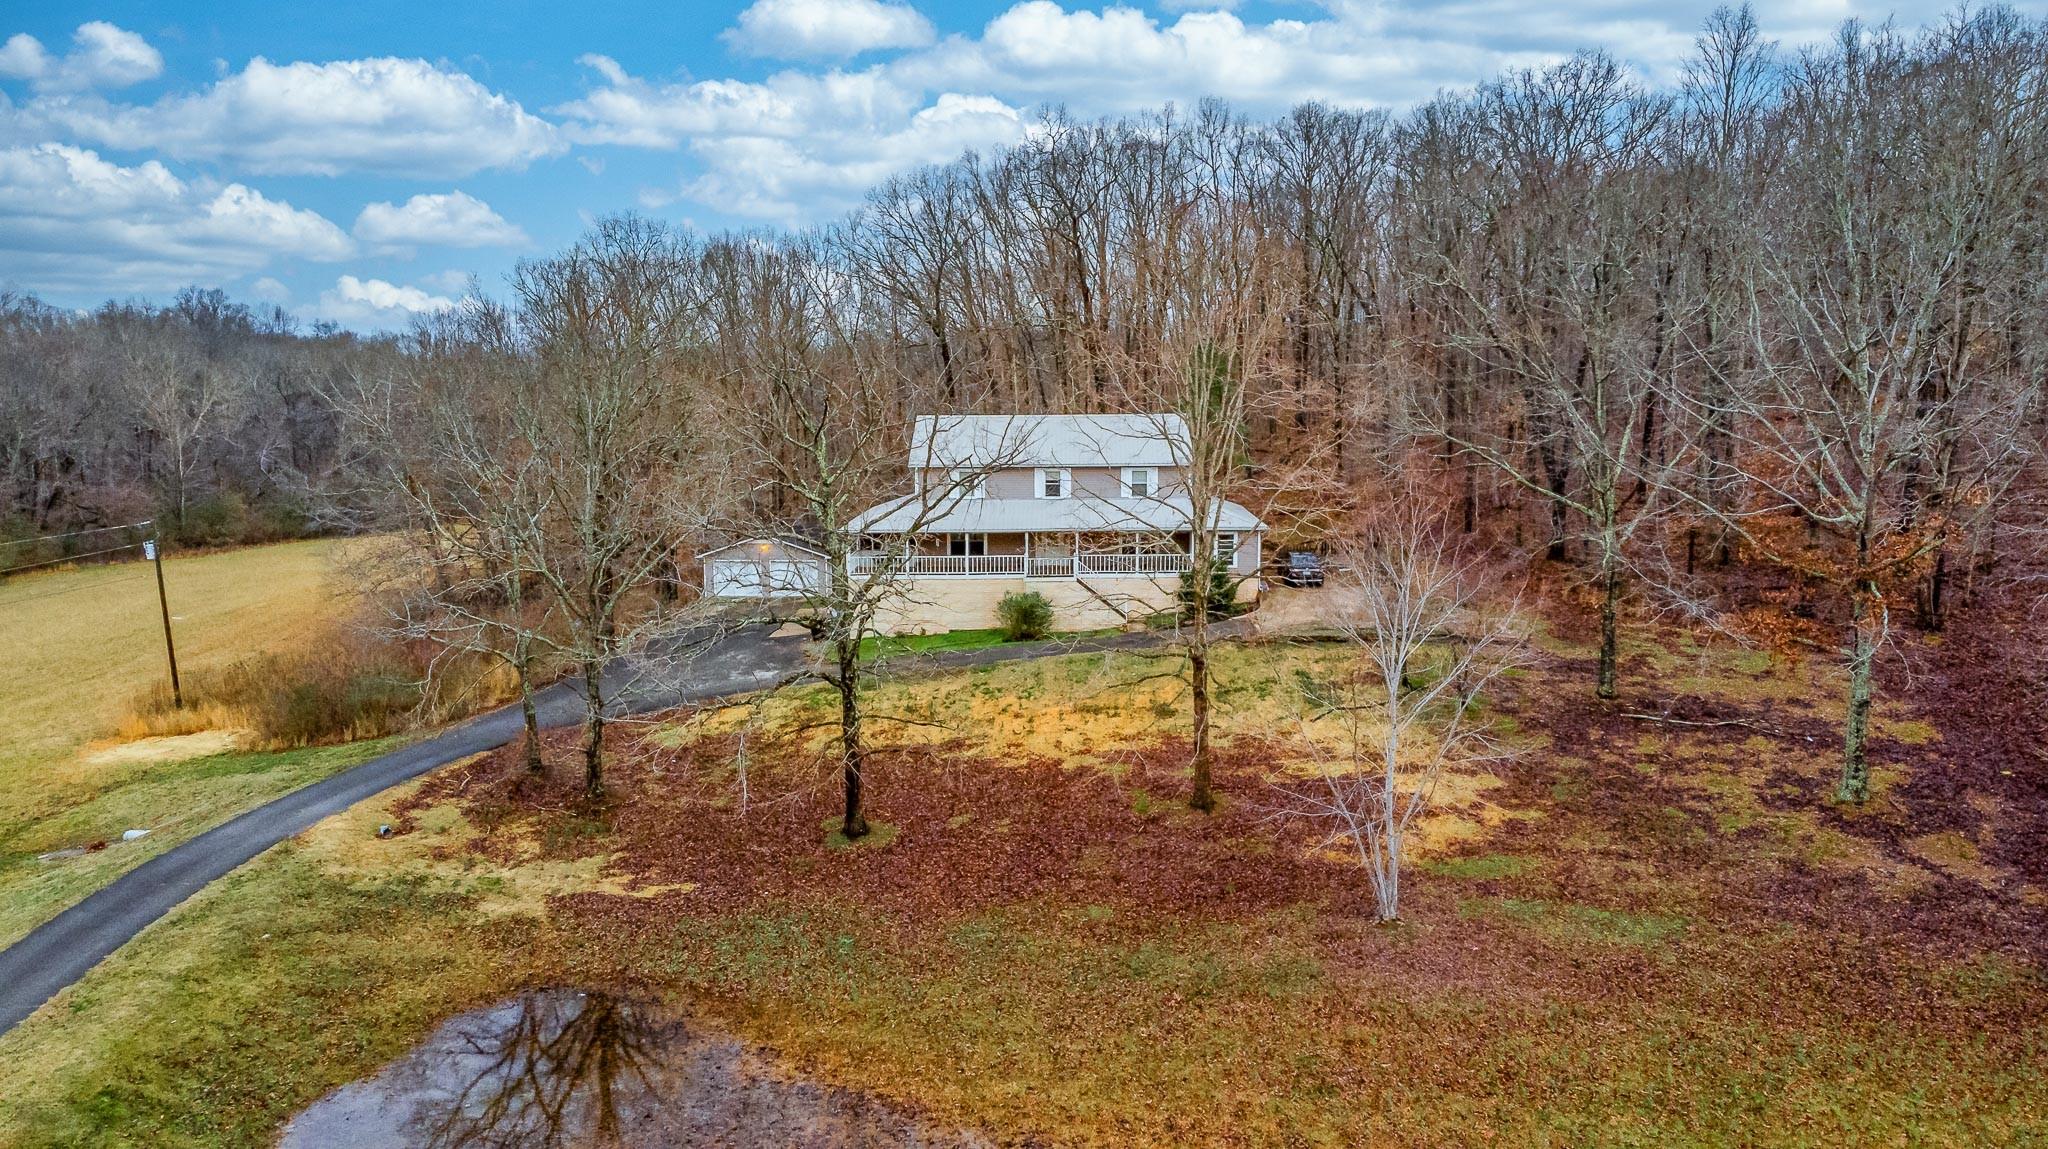 1290 Crowder Rd, Lawrenceburg, TN 38464 - Lawrenceburg, TN real estate listing